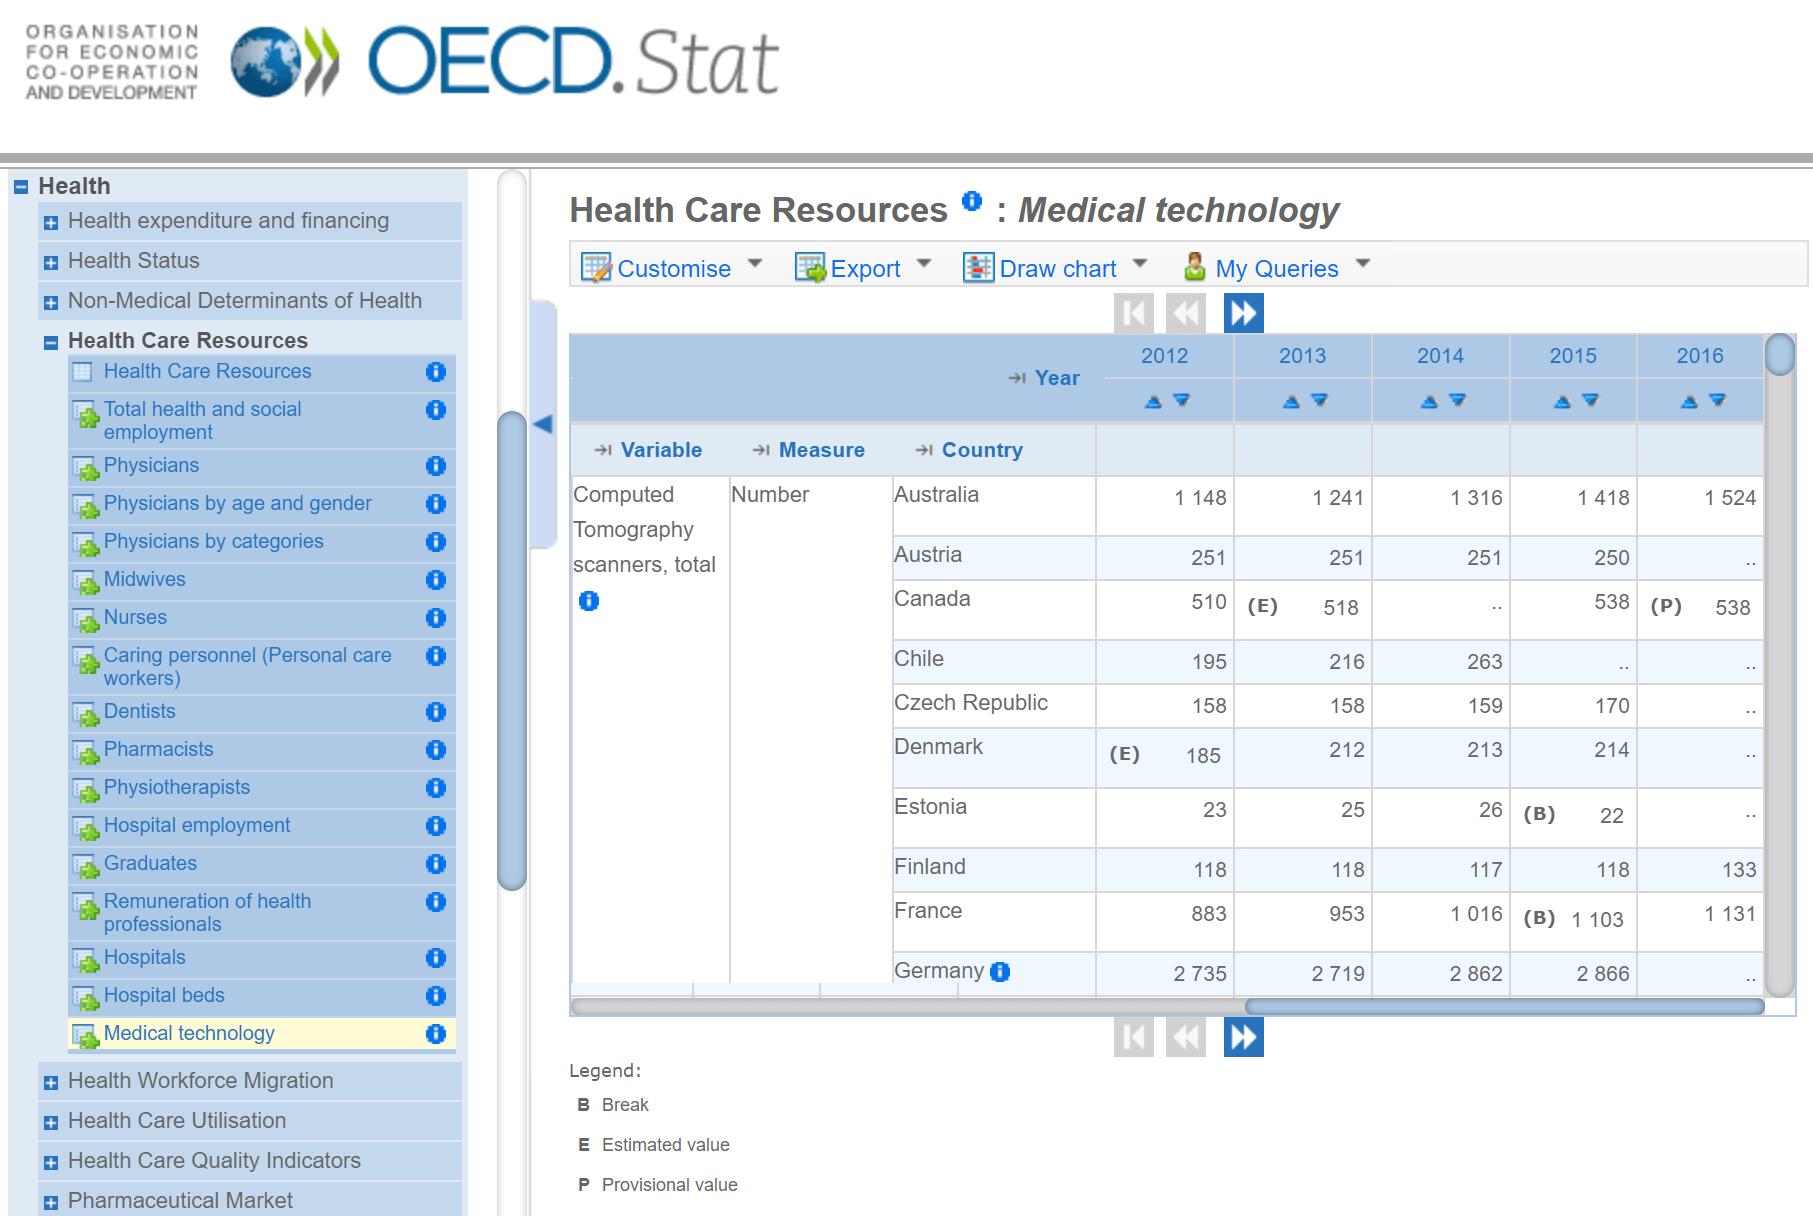 世界の医療機器数比較OECD.Stat